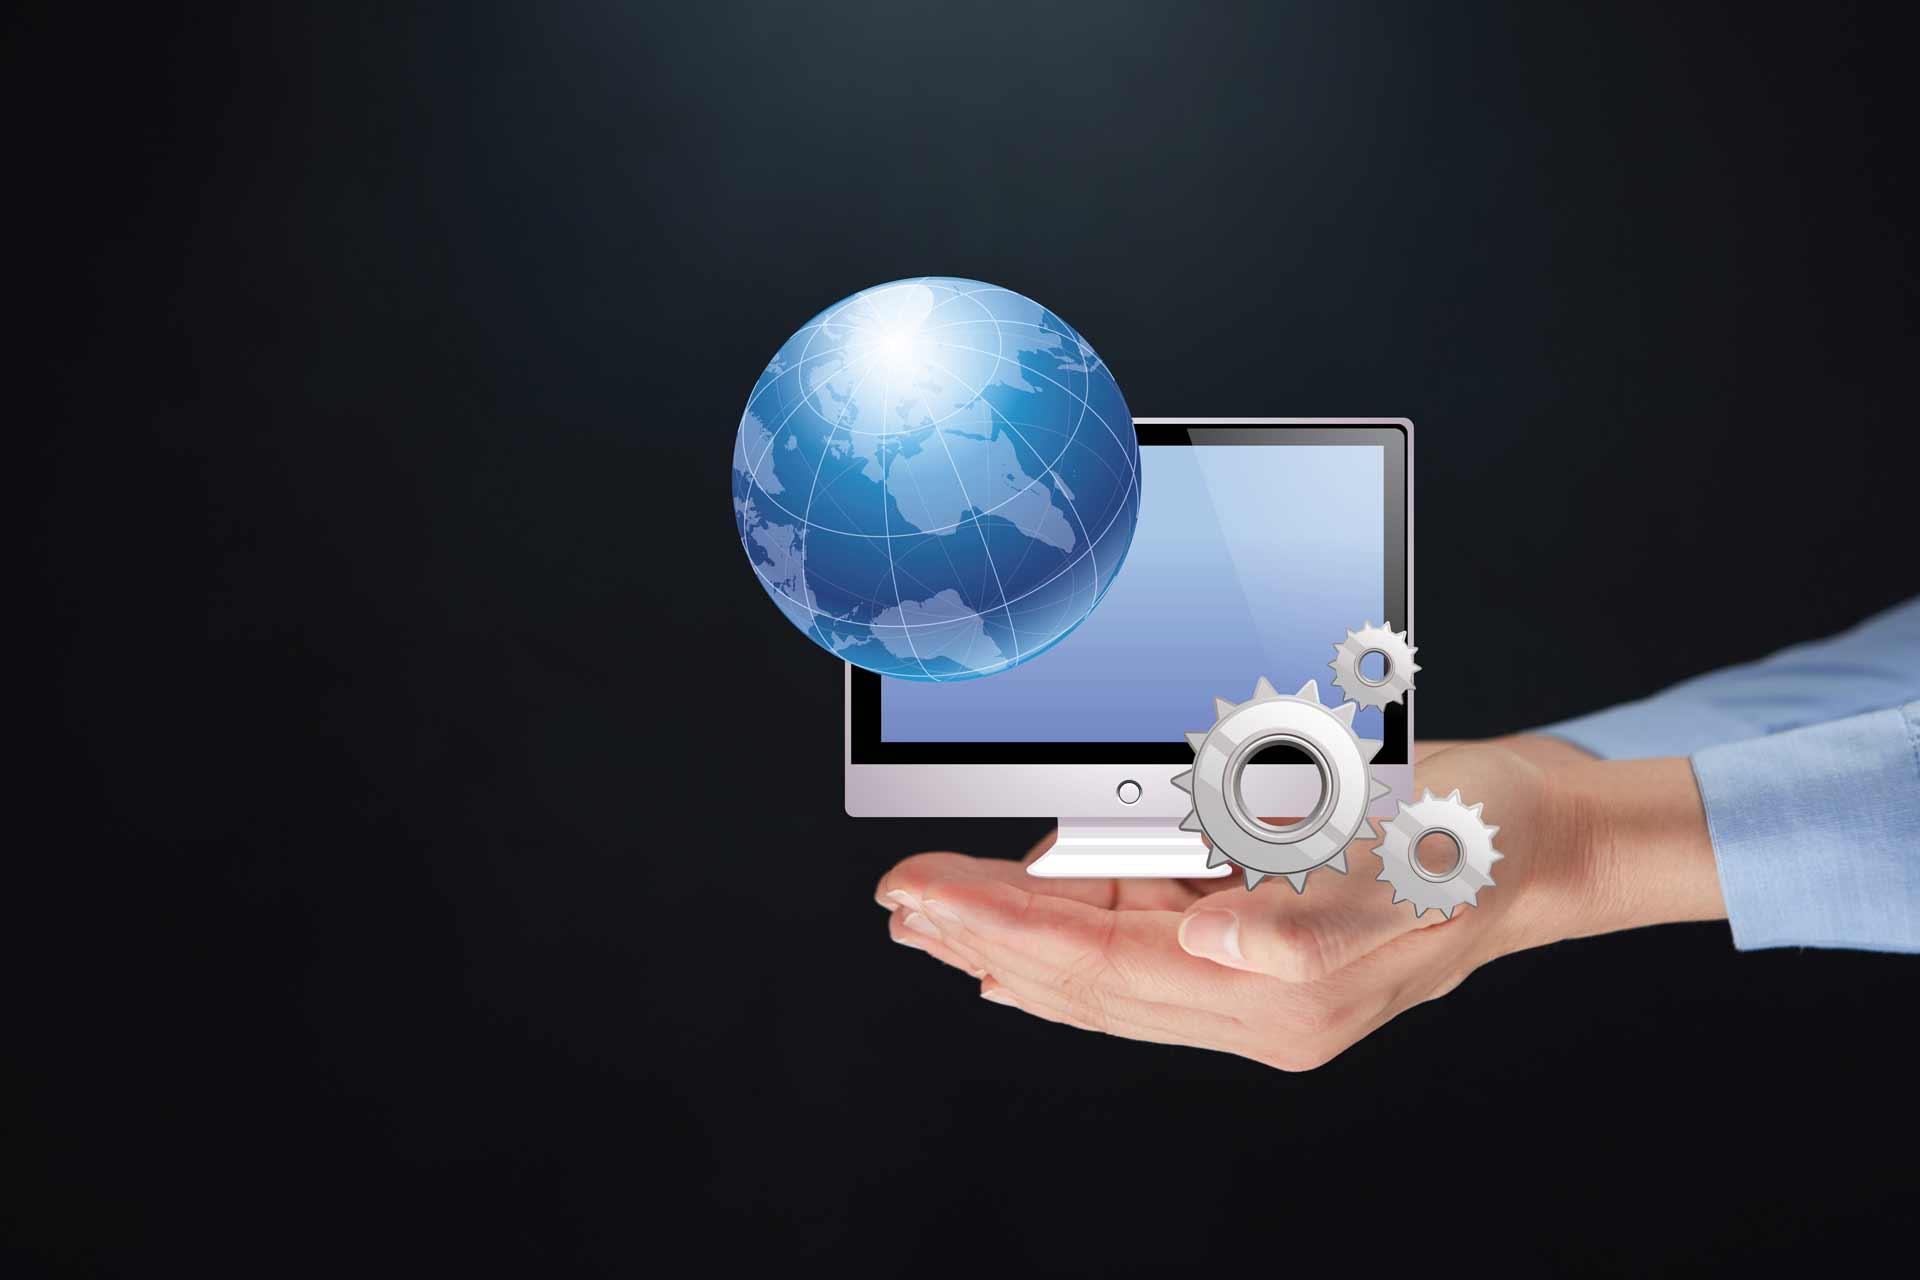 seowebb programmiert modernes suchmaschinengerechtes Webdesign